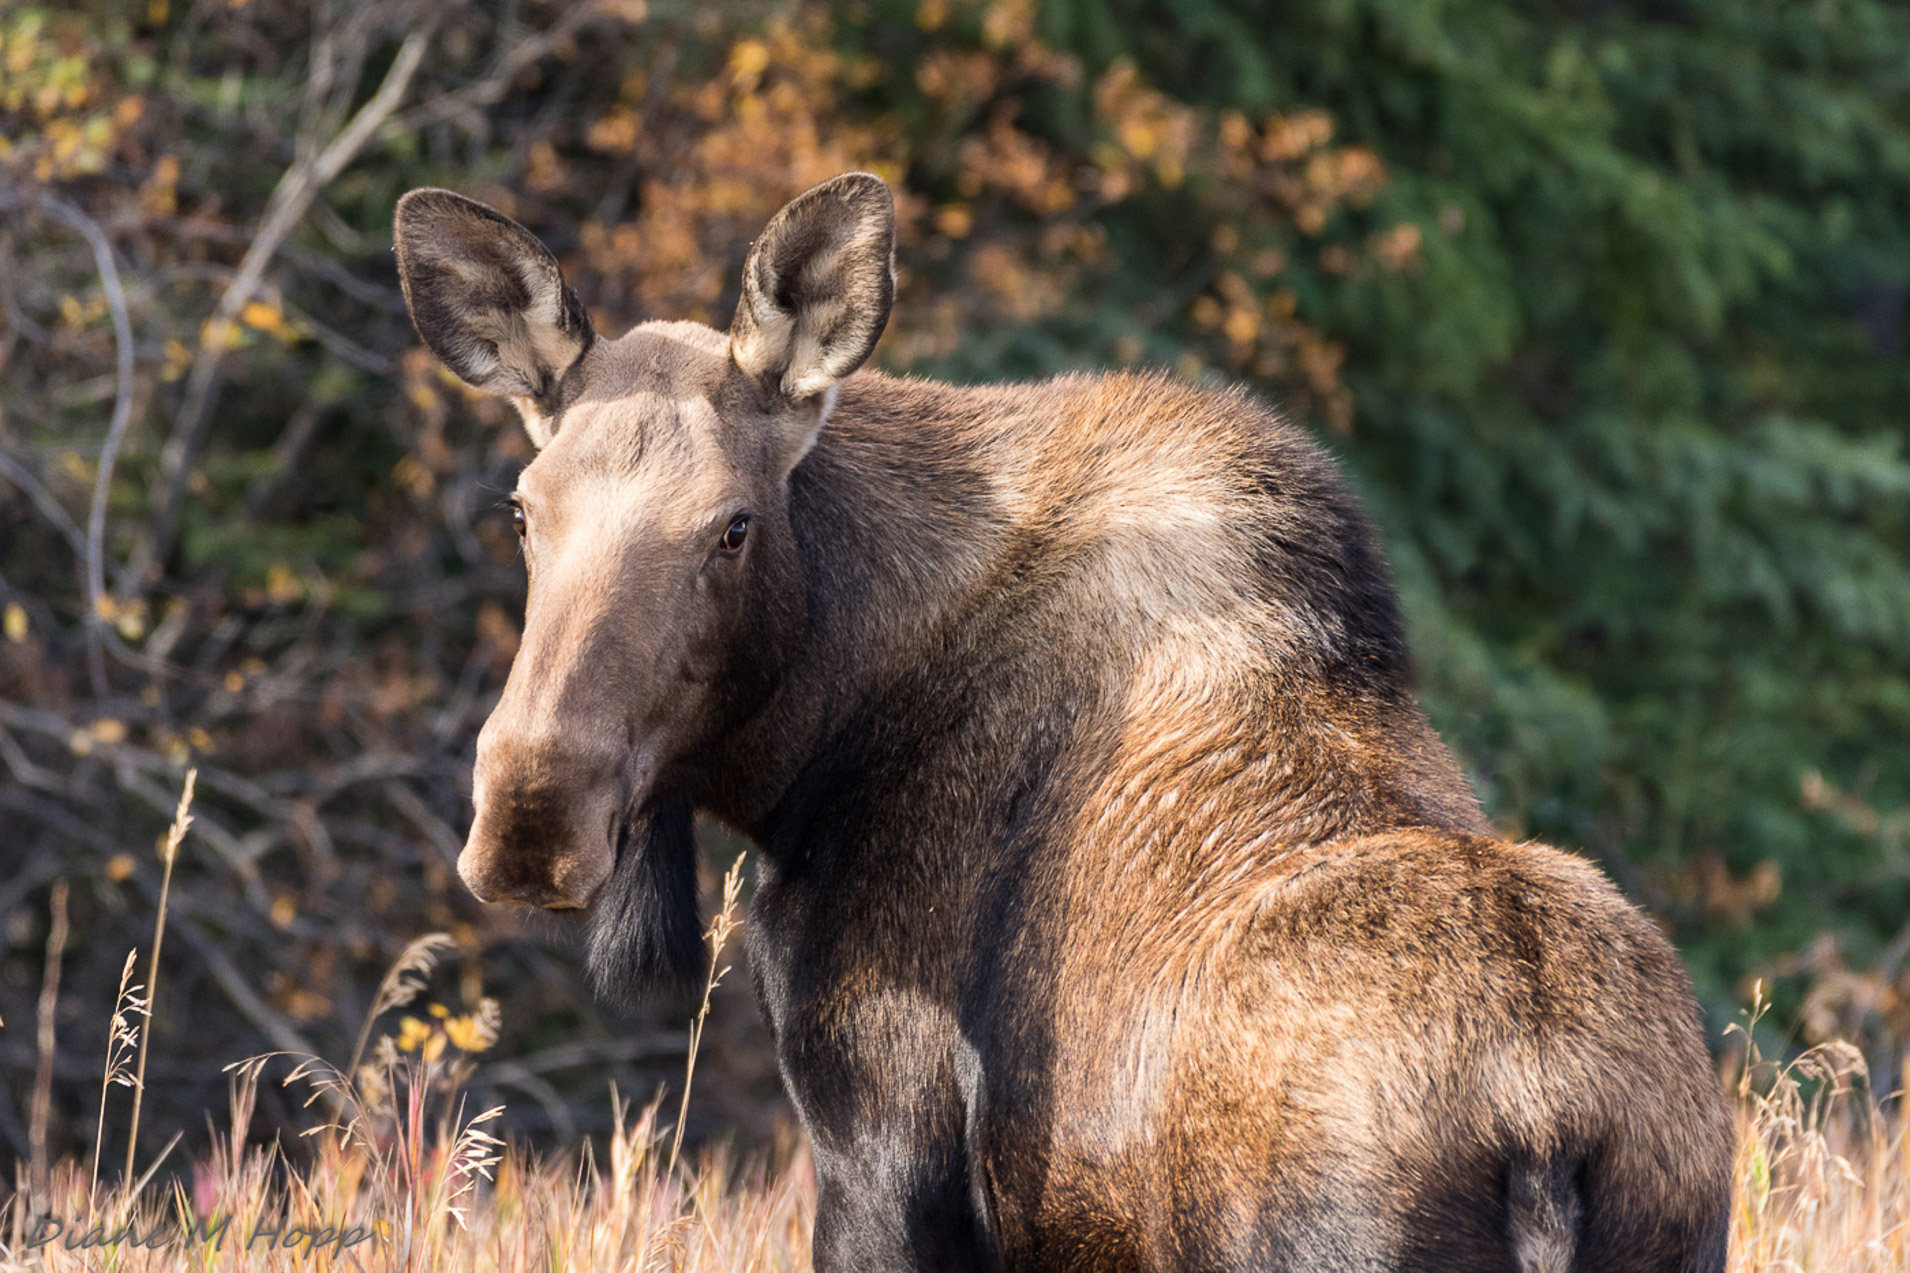 Moose Cow on the Roadside - DMHopp